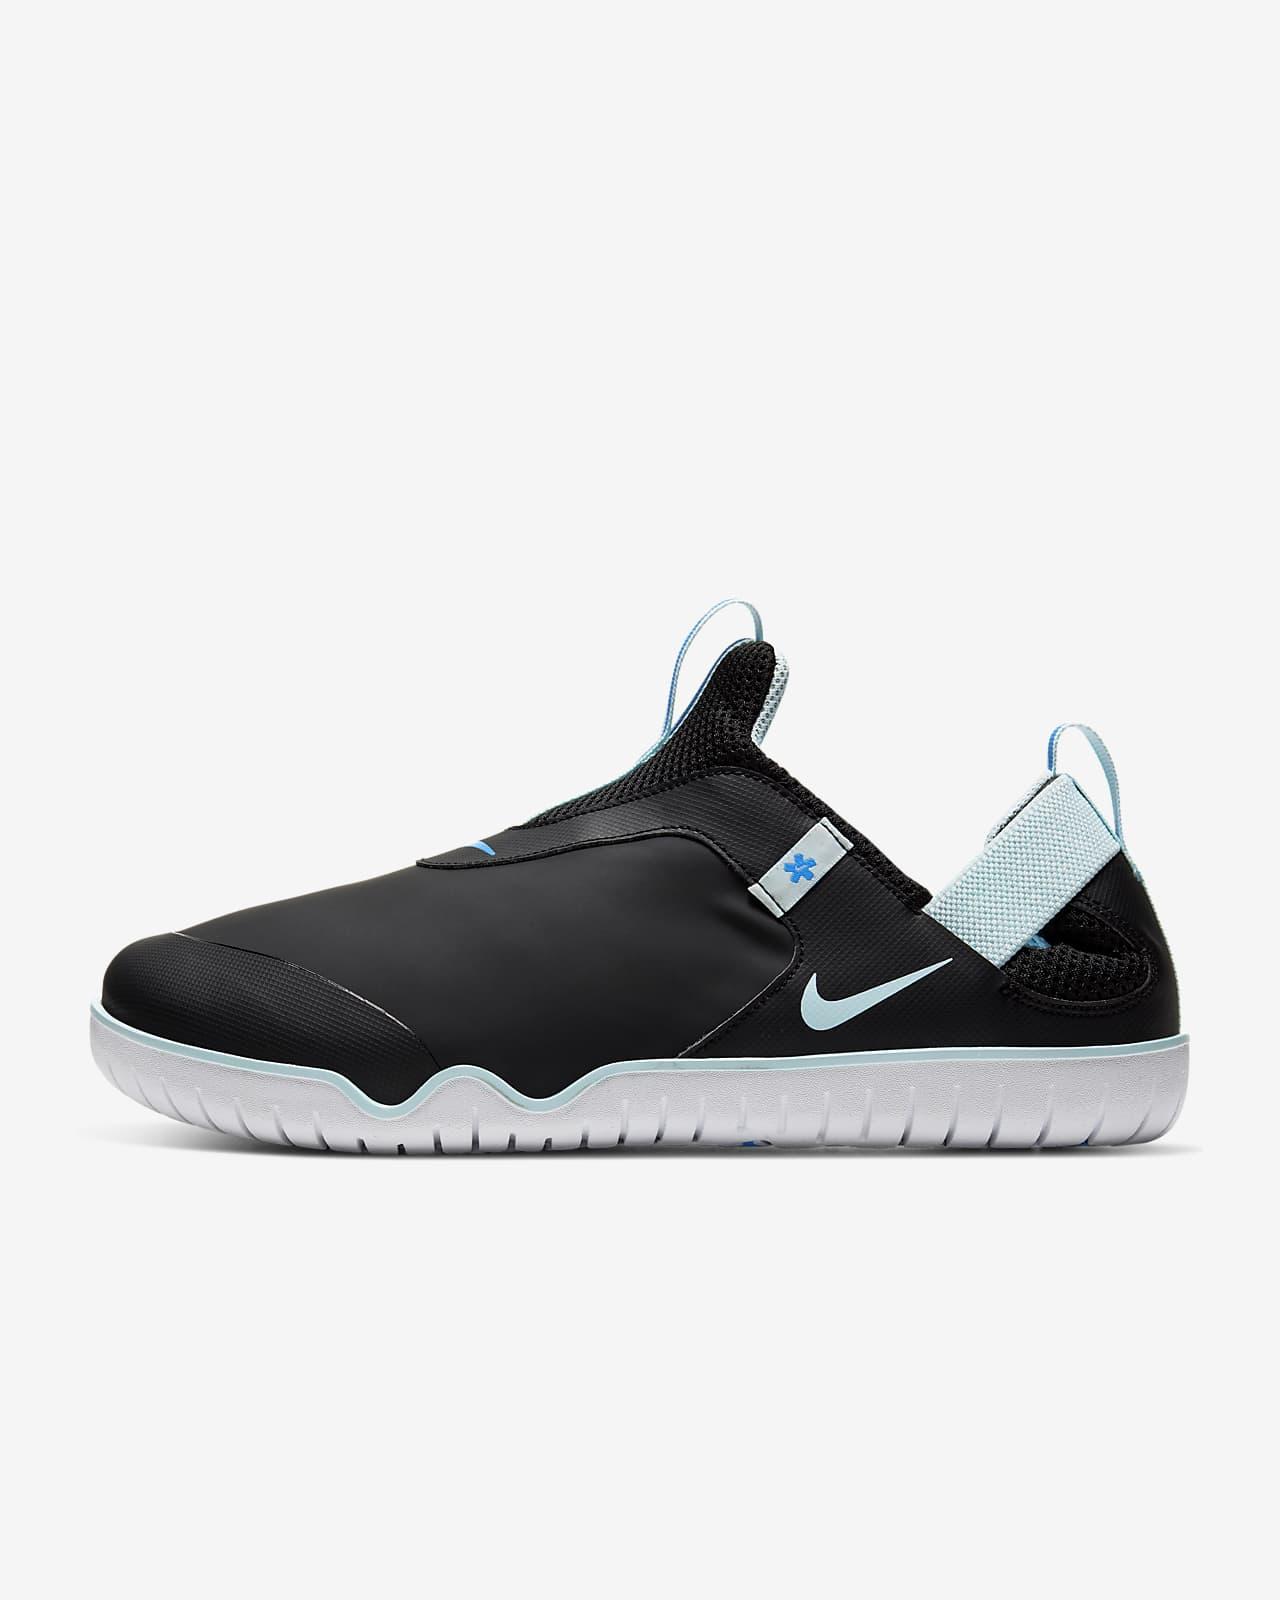 Sko Nike Air Zoom Pulse